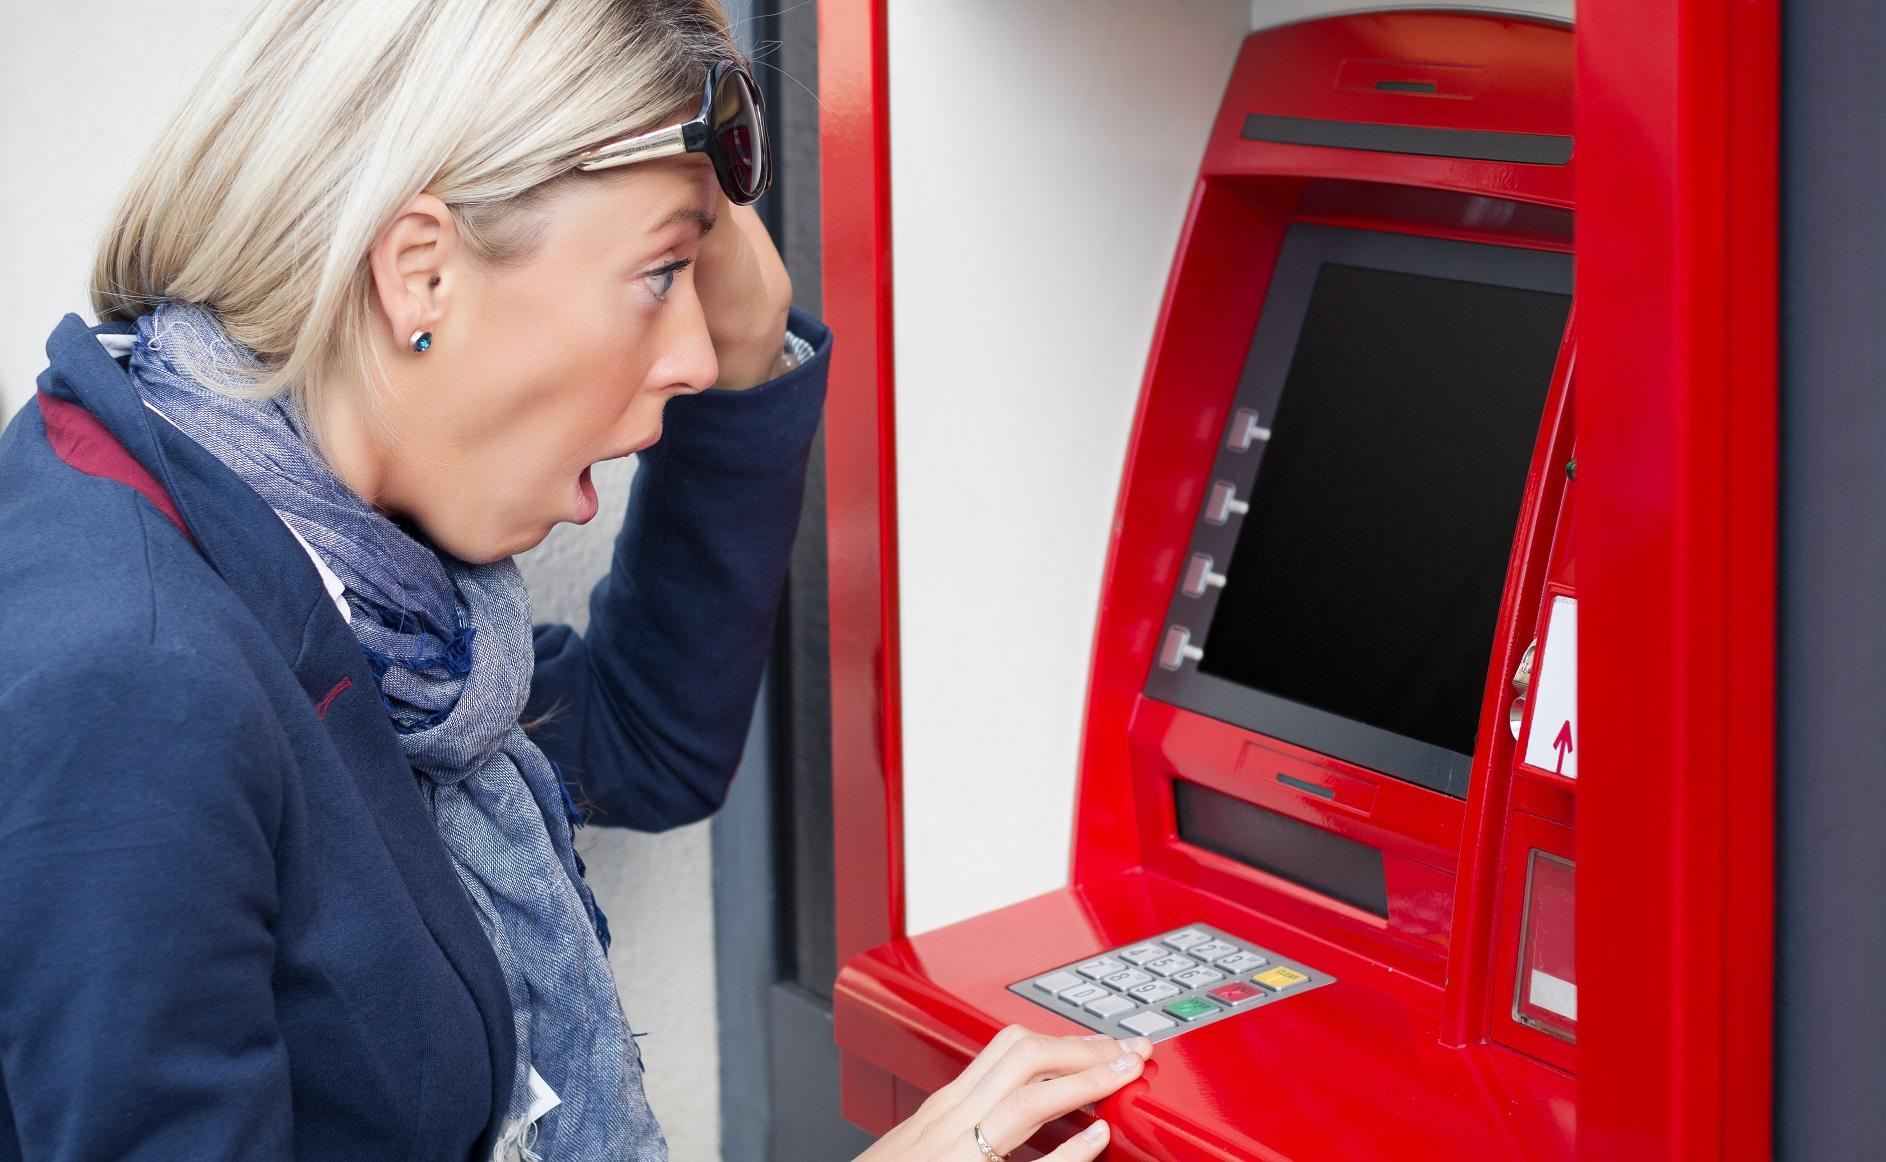 Банки скоро разрешат снимать деньги с чужой карты в банкомате! Рай для мошенников?